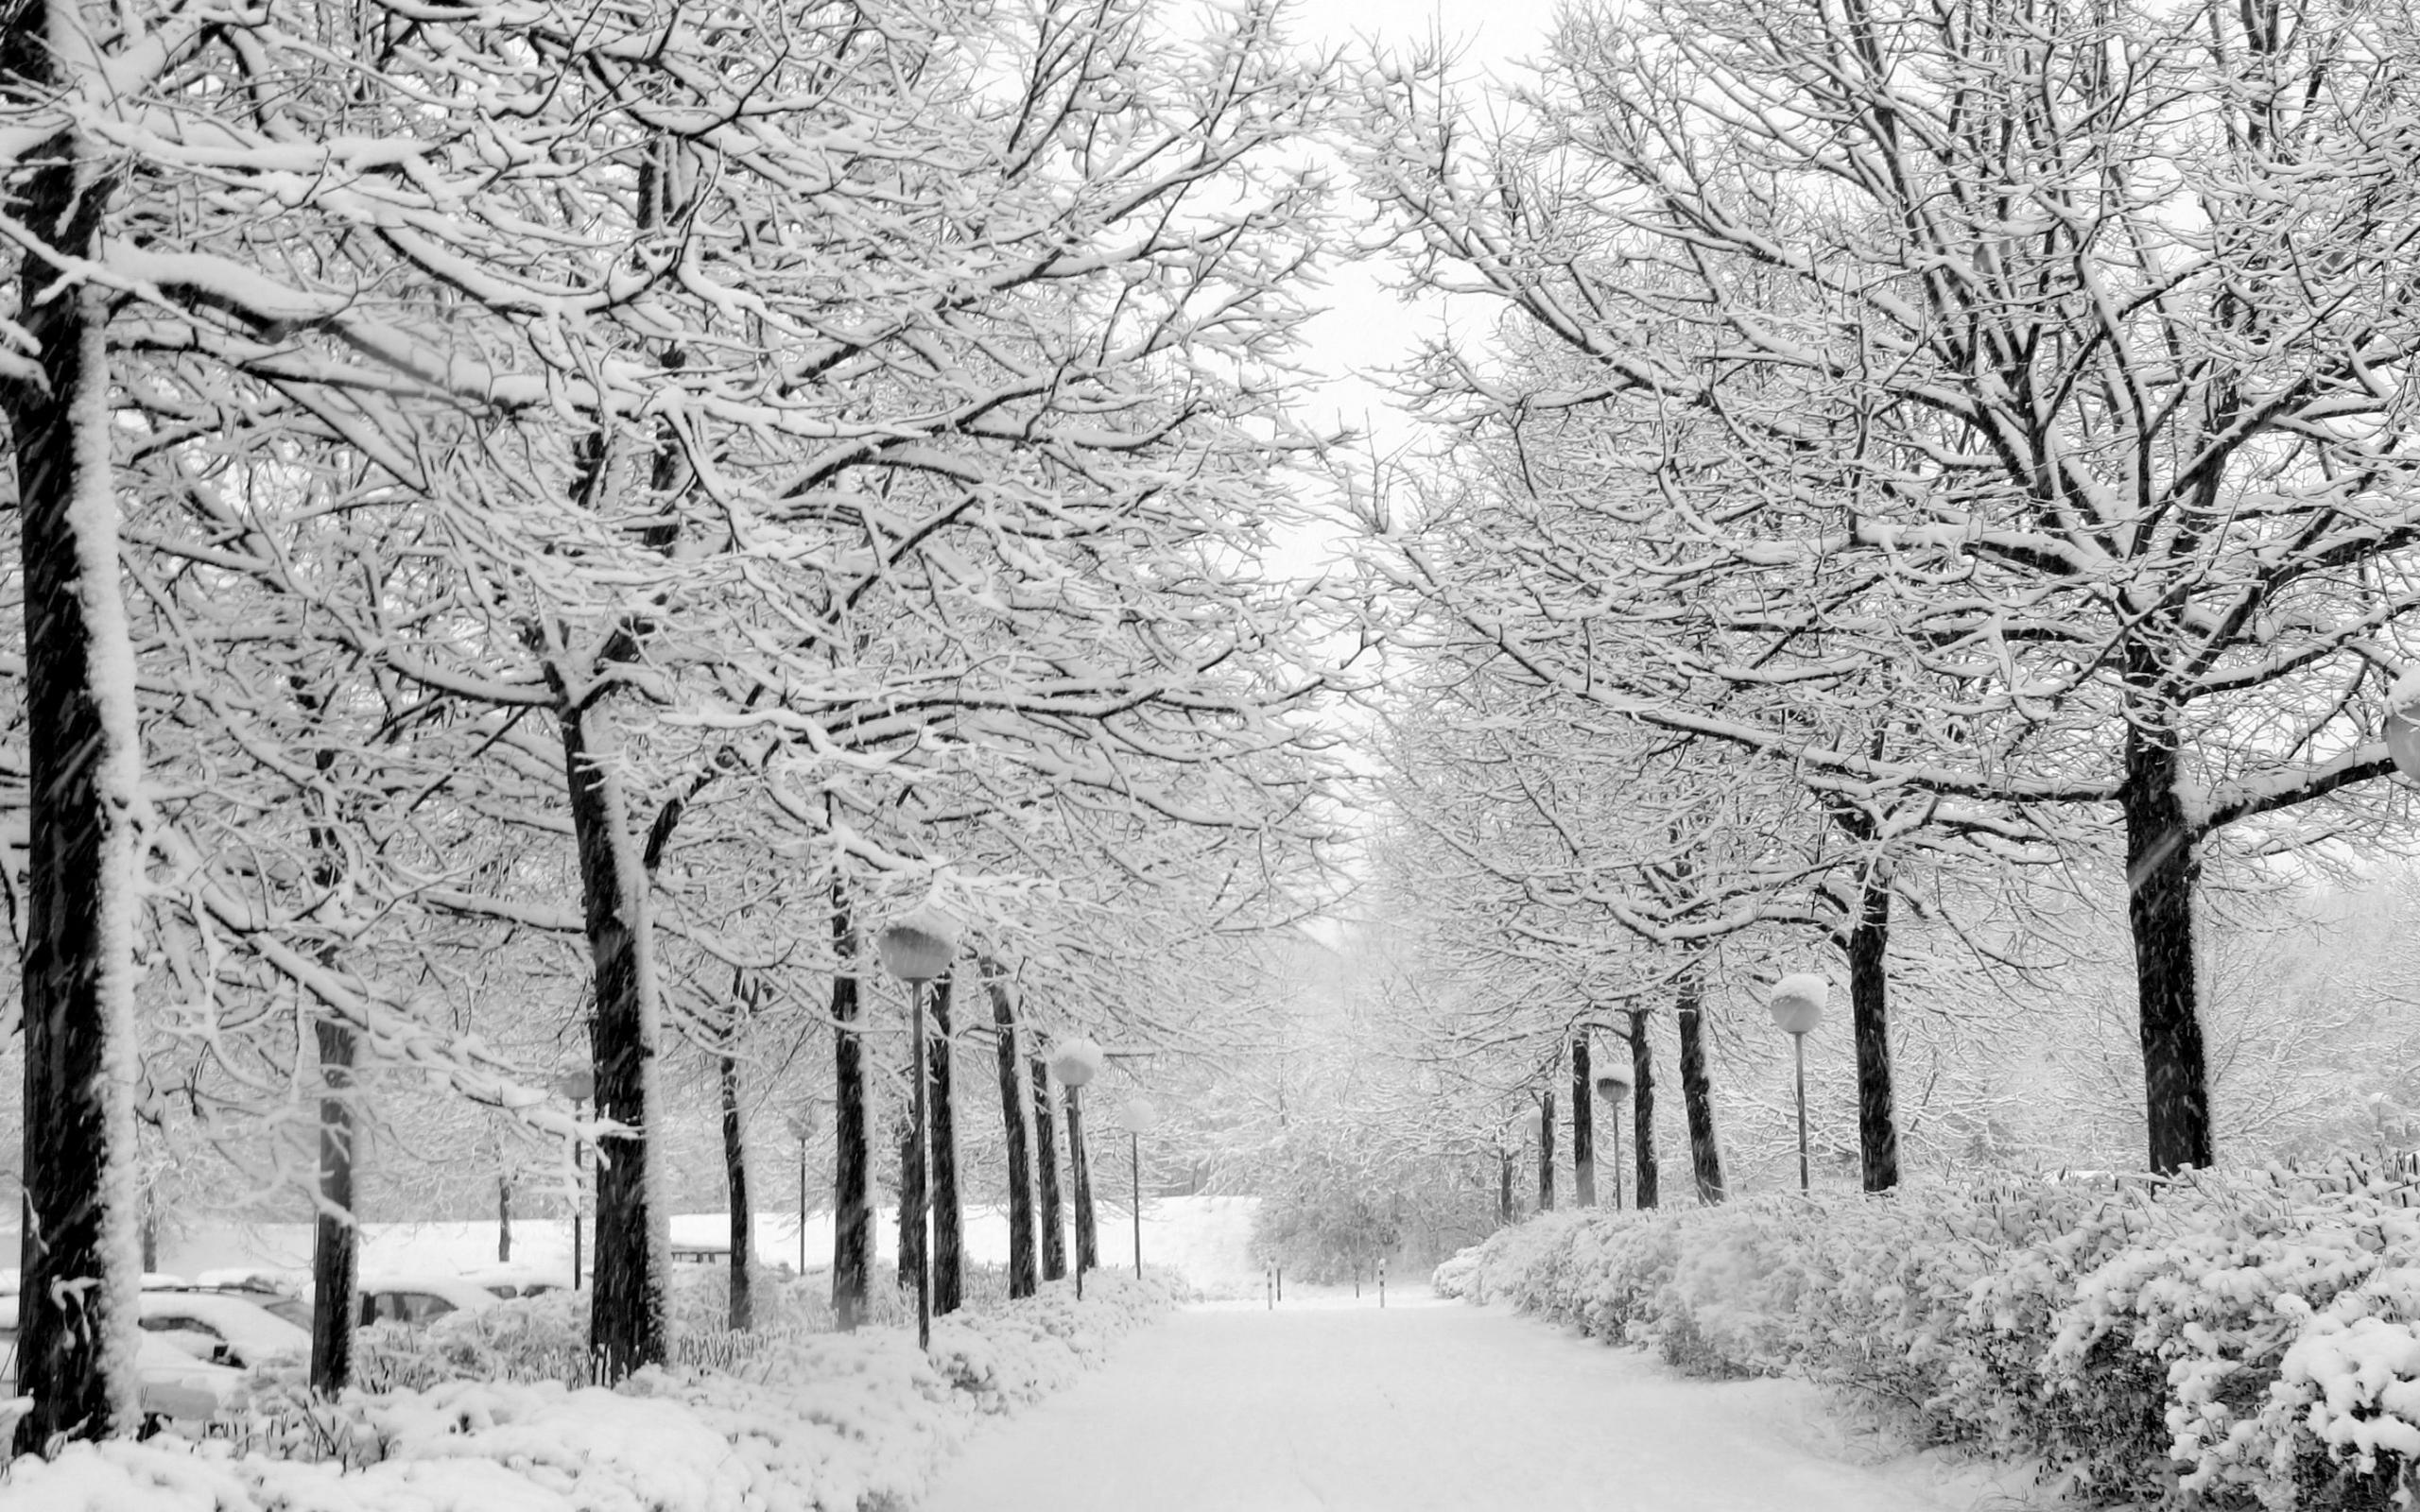 Winter Desktop Wallpapers   Top Winter Desktop Backgrounds 2560x1600